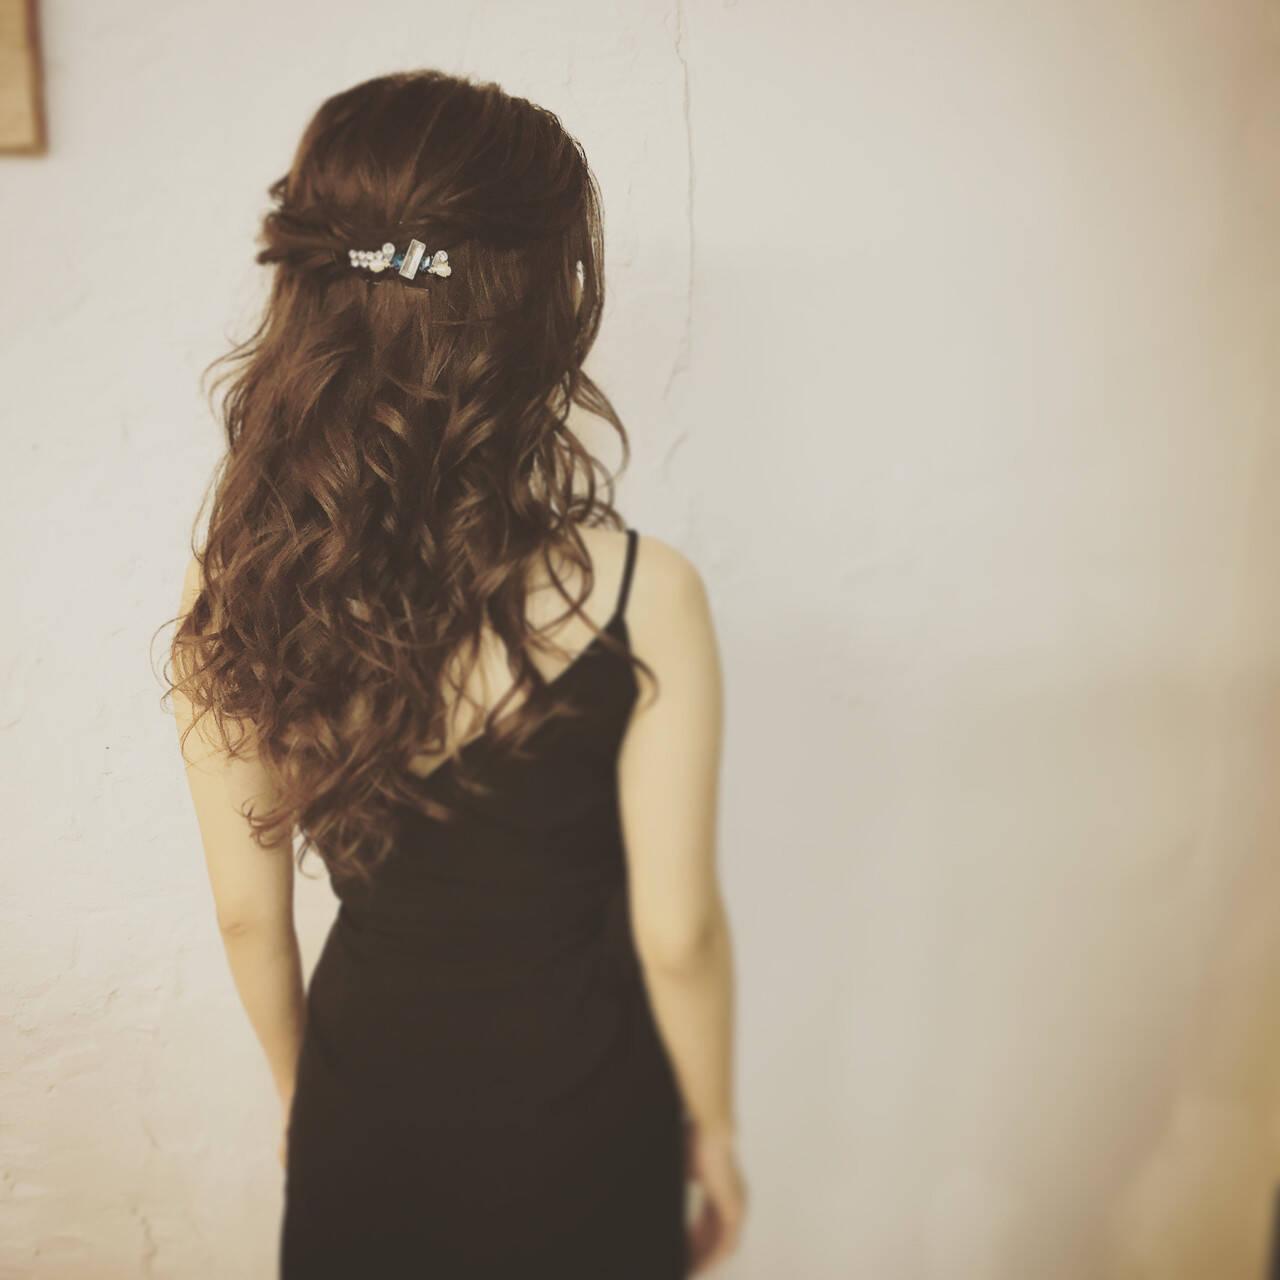 ヘアアレンジ 大人女子 ハーフアップ ねじりヘアスタイルや髪型の写真・画像